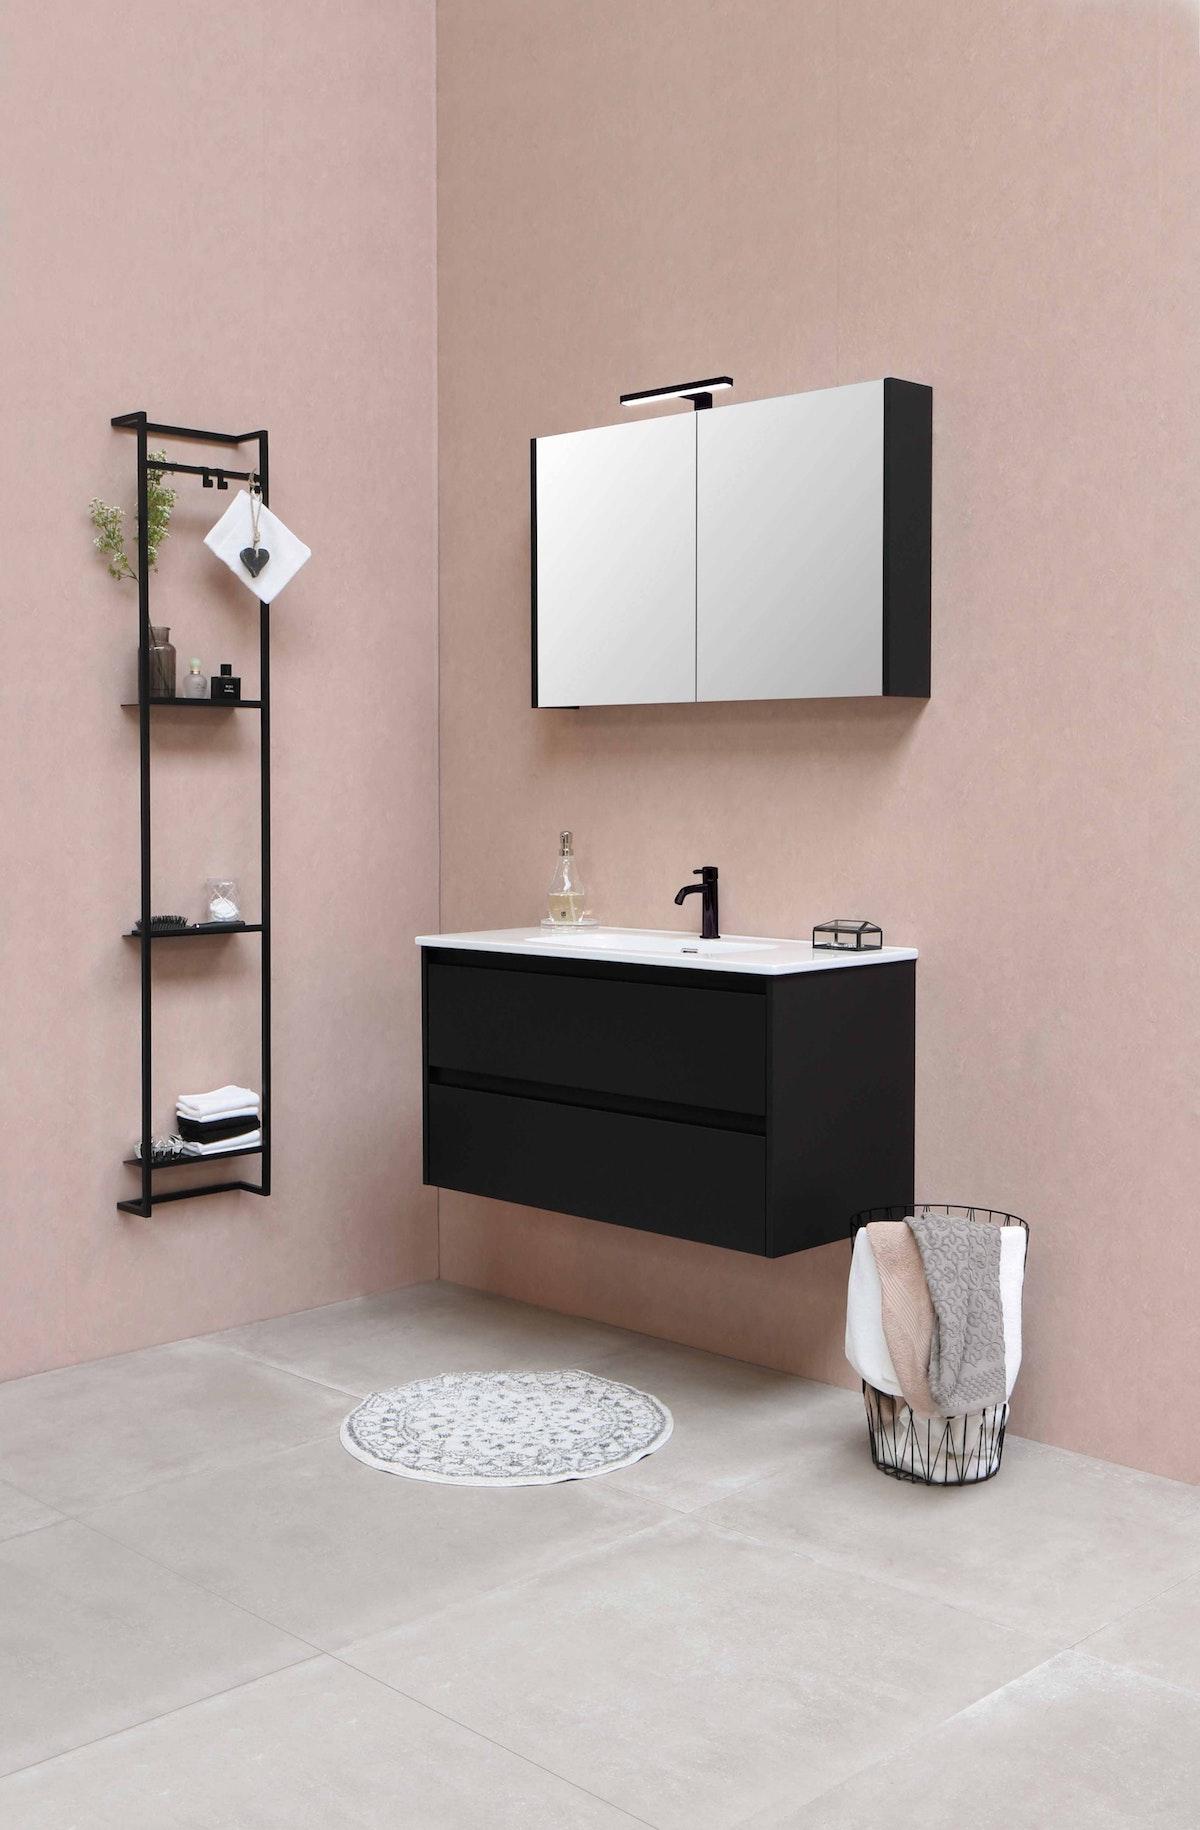 Minimal Bathroom Rack in Black